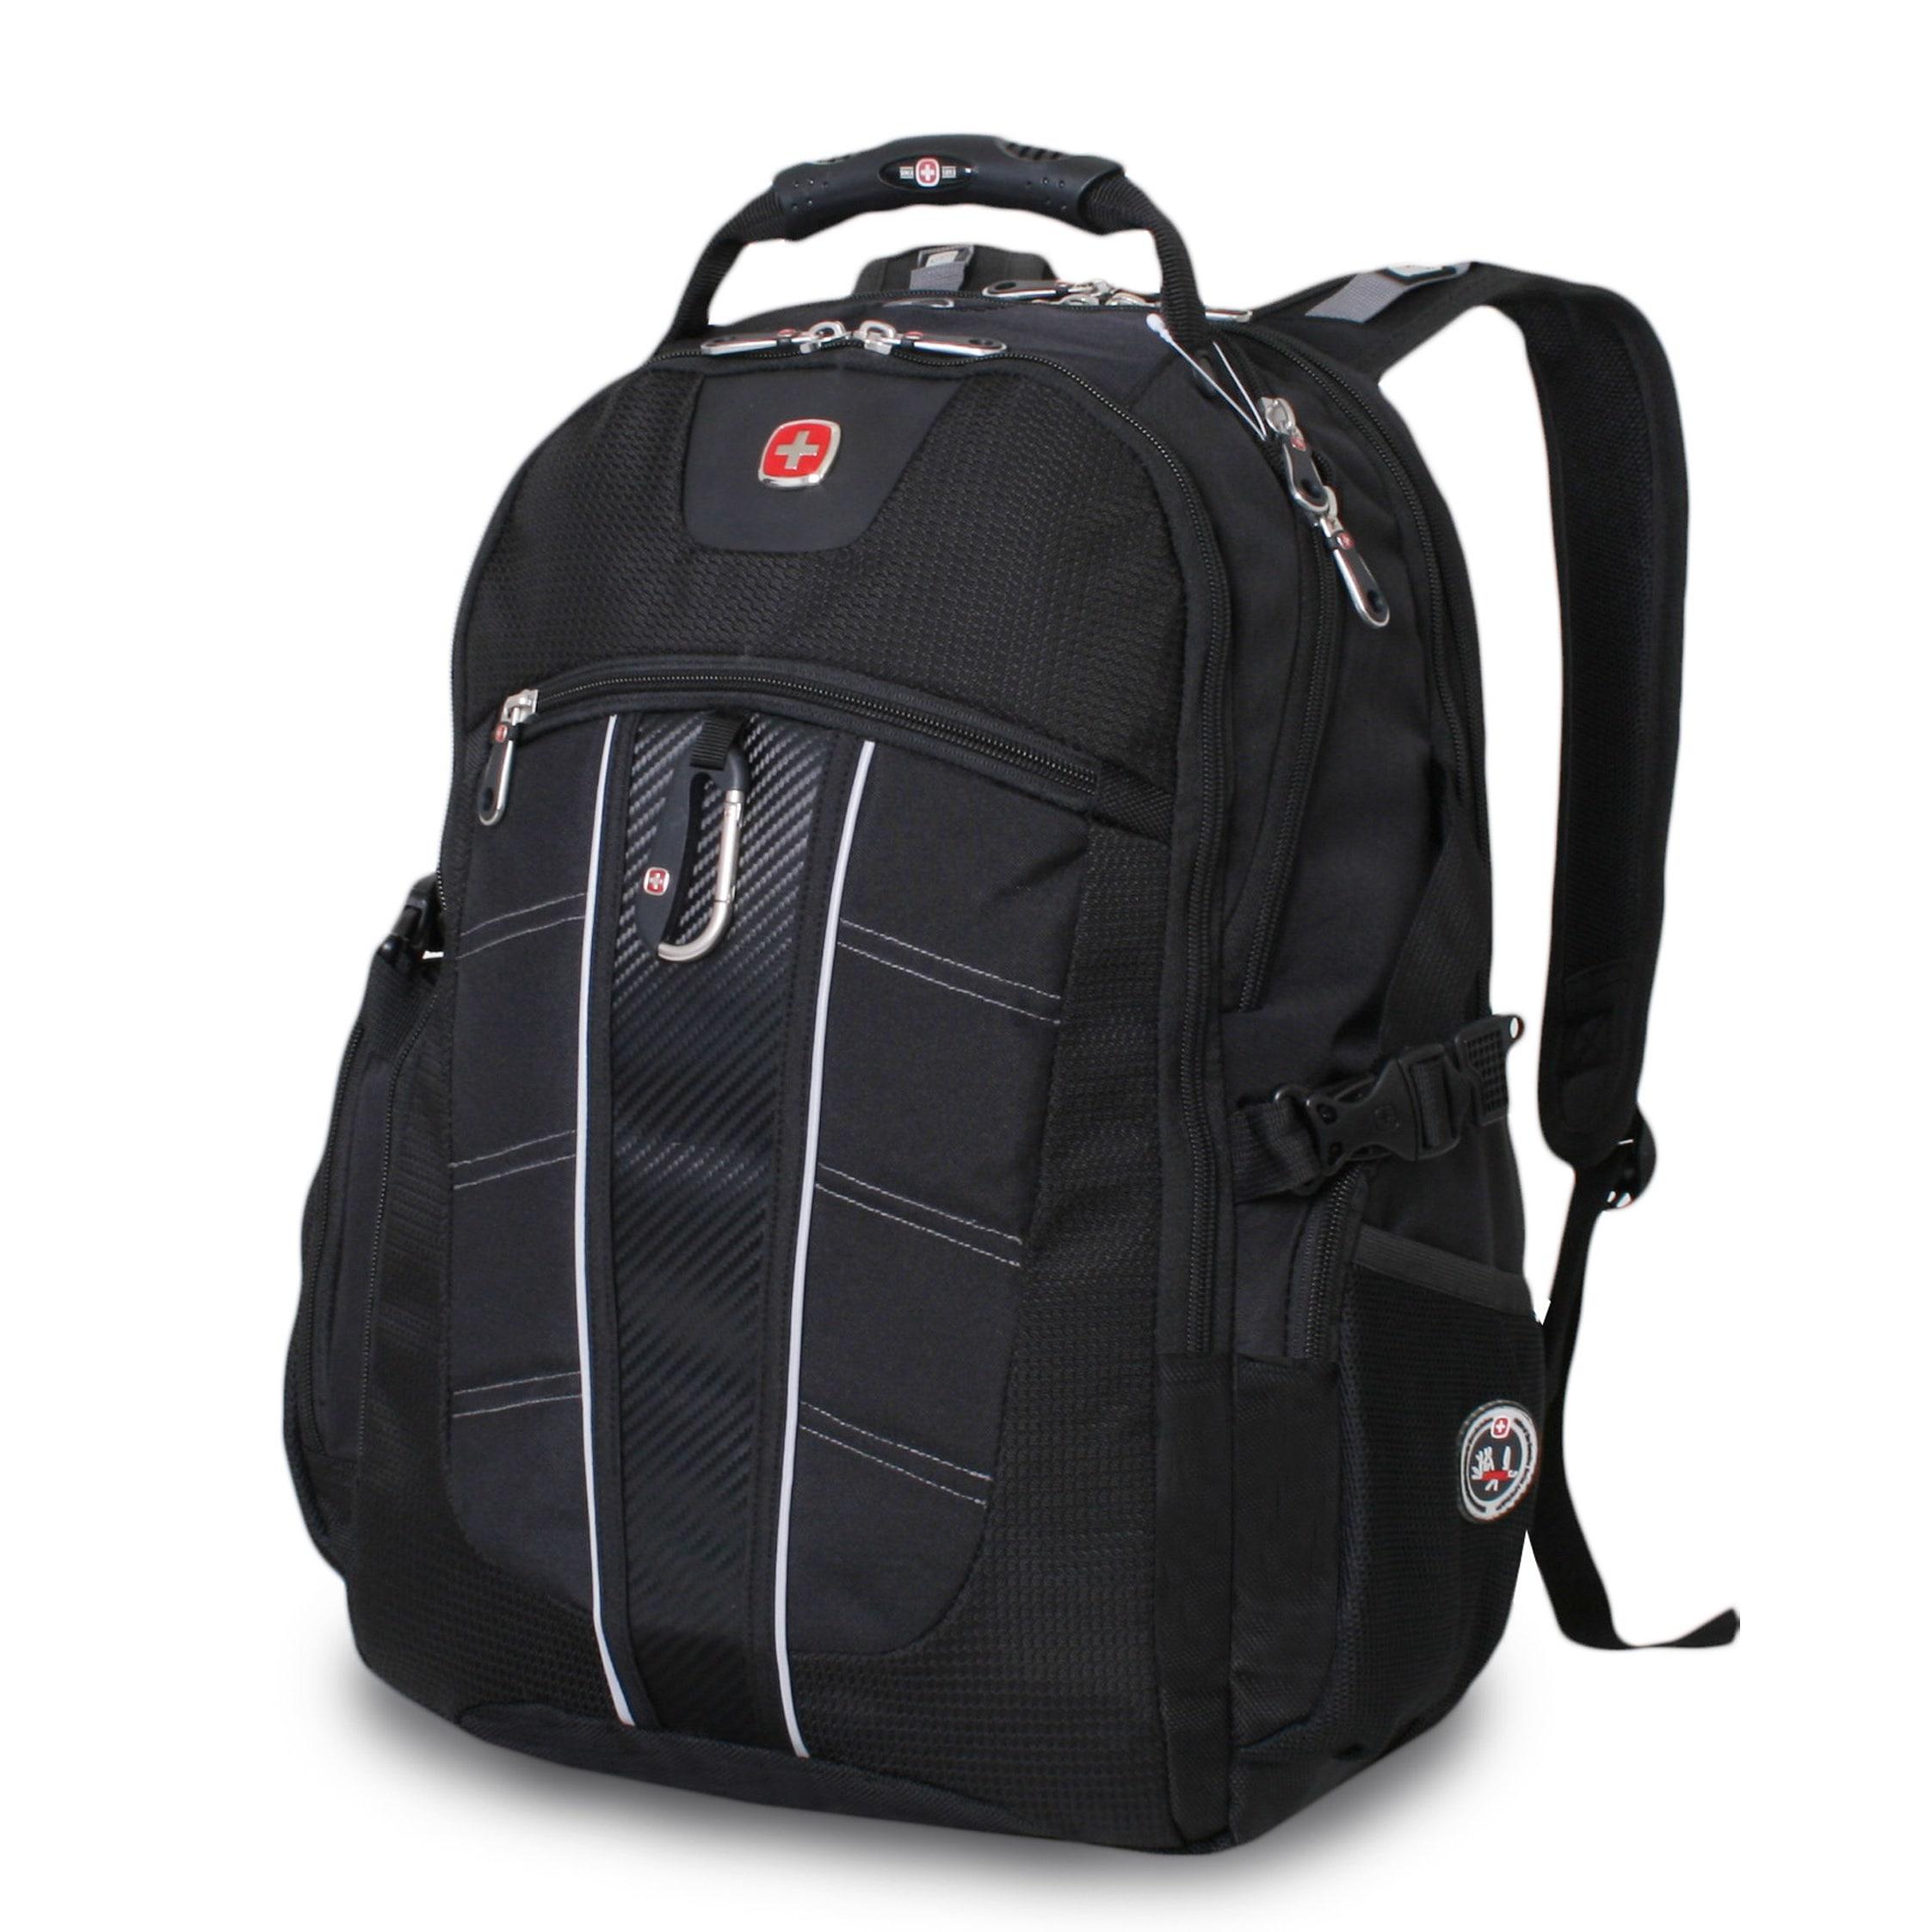 Swissgear Computer Laptop Backpack- Fenix Toulouse Handball 921303d88519d